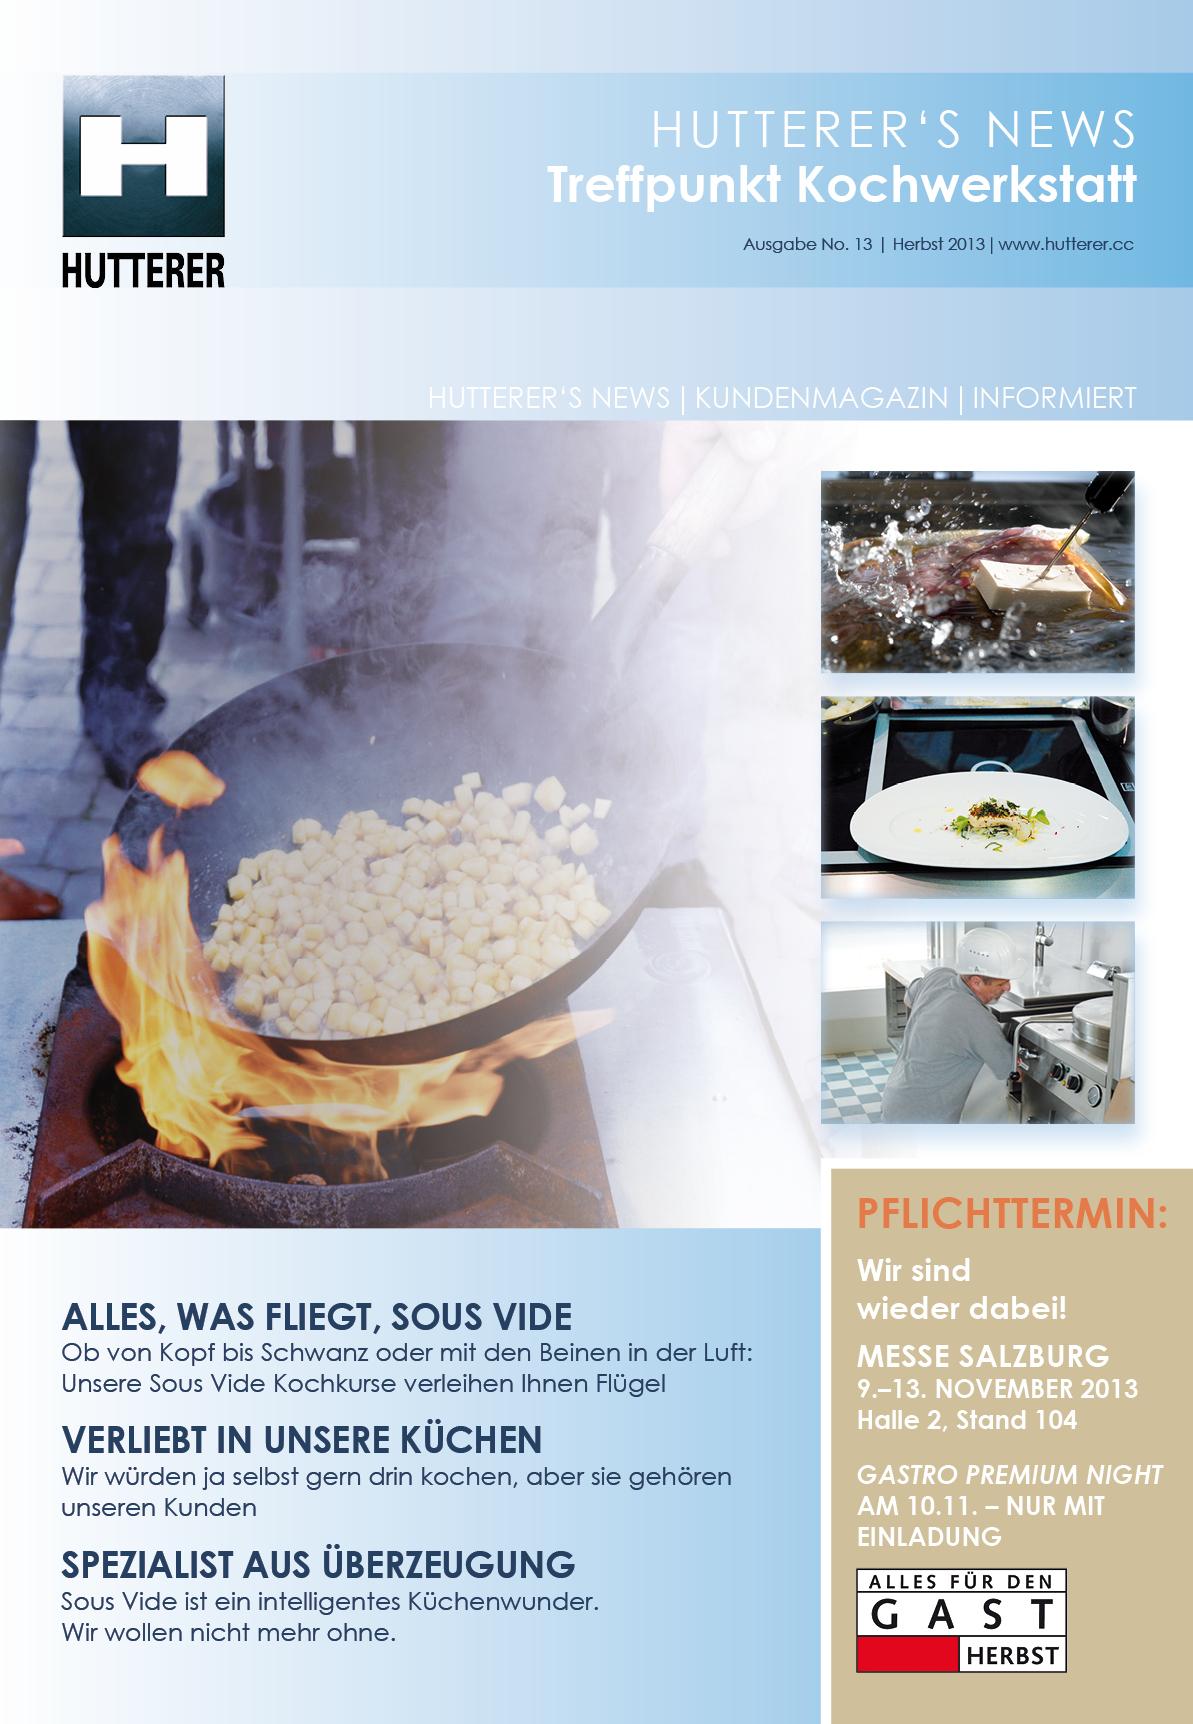 HUTTERER Kundenmagazin (B2B)